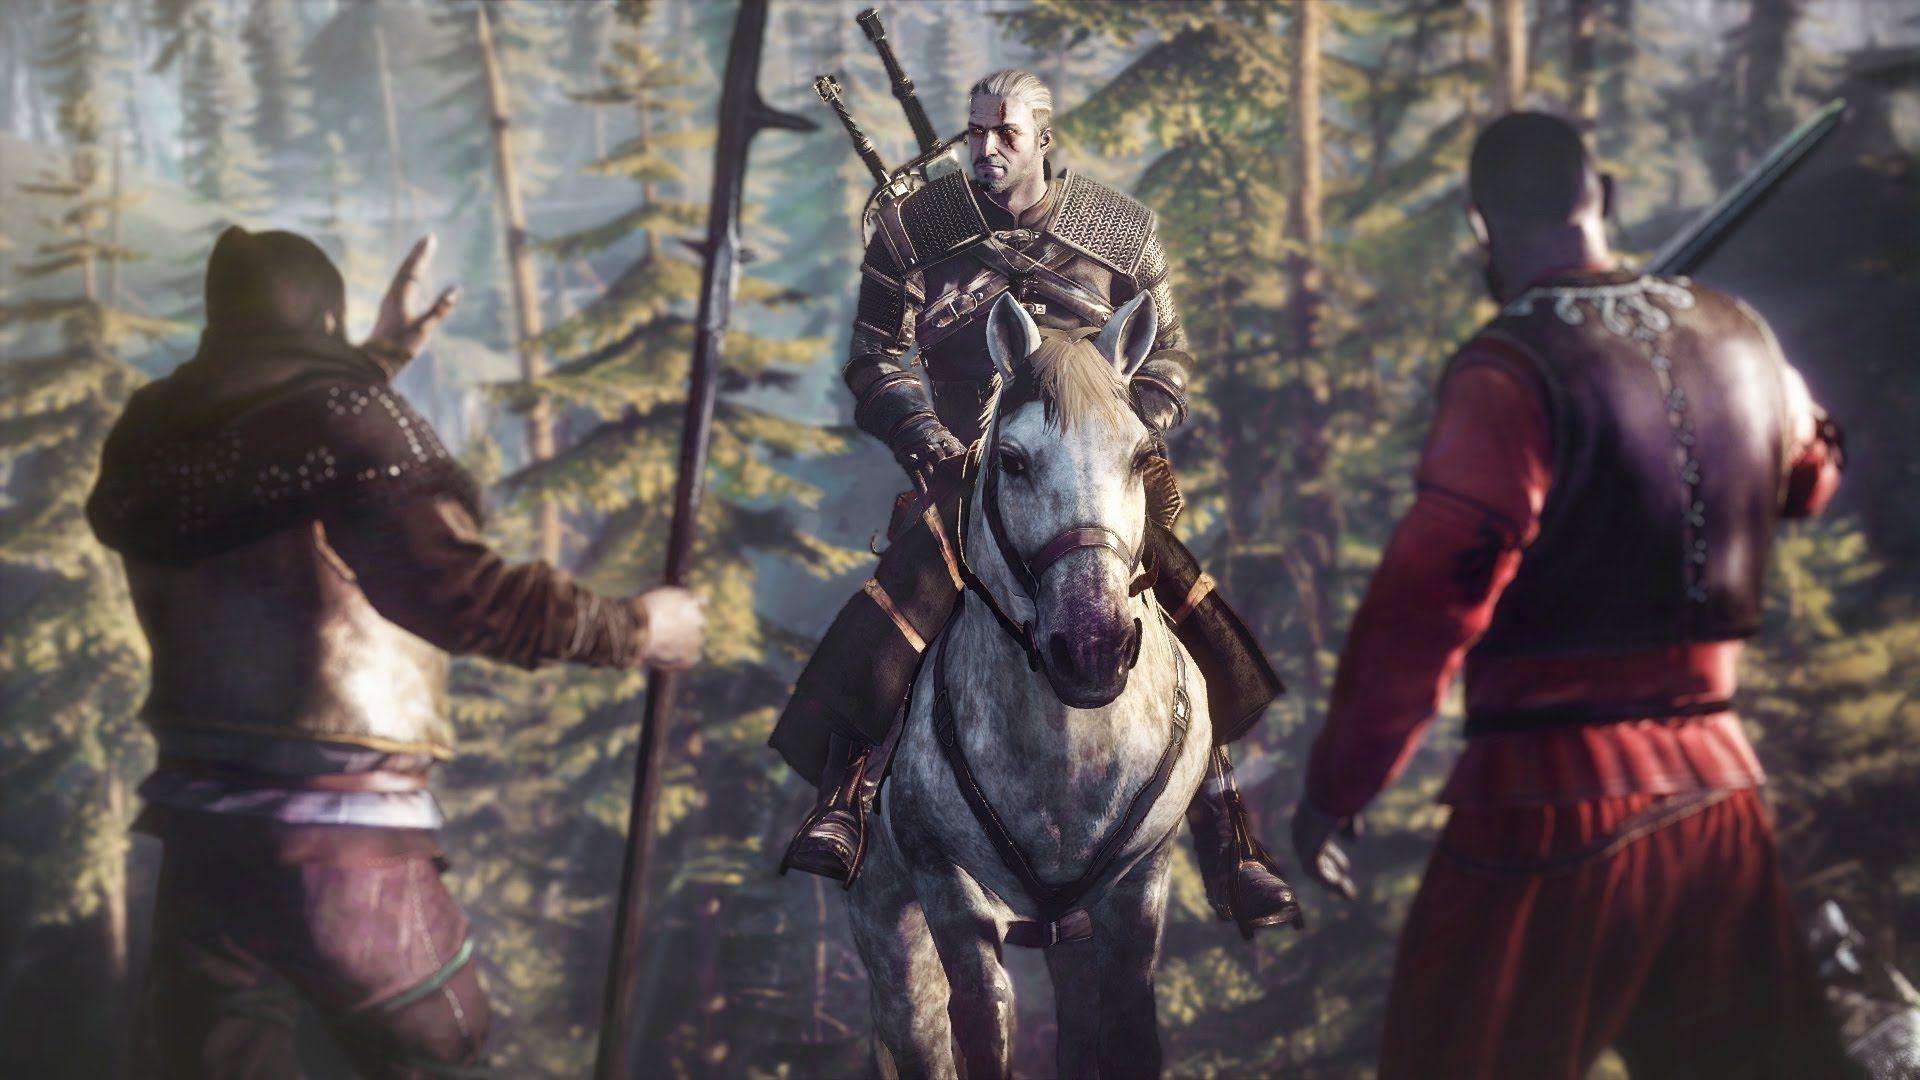 #TheWitcherWildHunt #TheWitcher3 #TheWitcherIII #GeraltDeRivia Para más información sobre #Videojuegos, Suscríbete a nuestra página web: http://legiondejugadores.com/ y síguenos en Twitter https://twitter.com/LegionJugadores